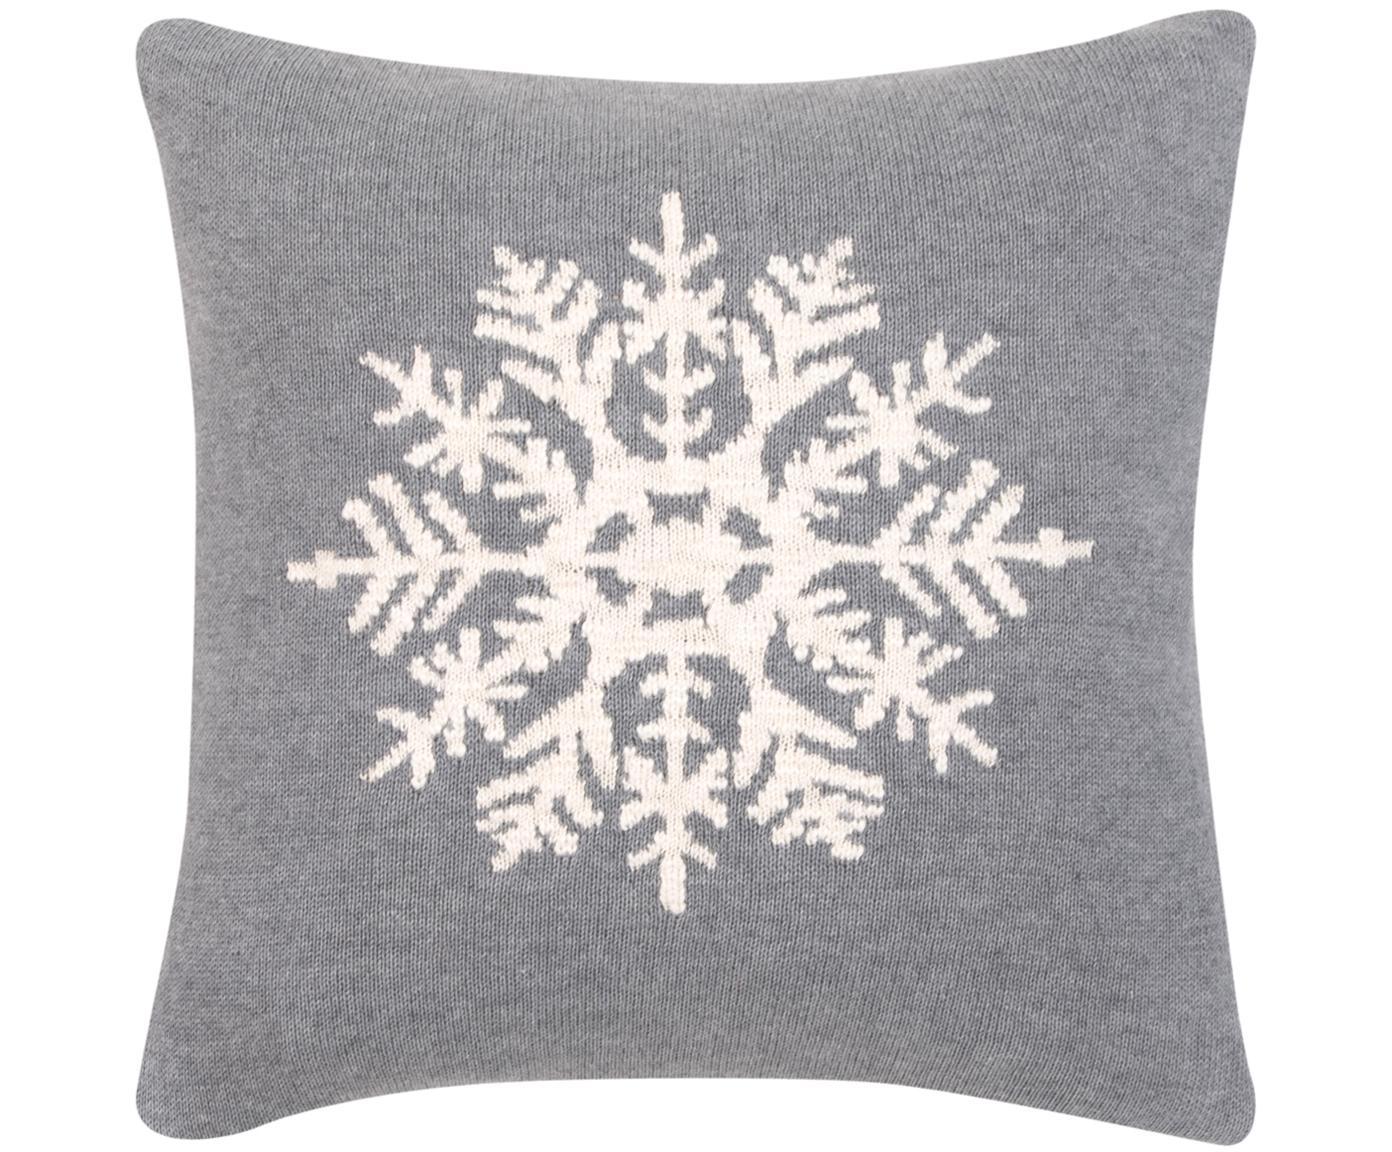 Kussenhoes Snowflake, 100% katoen, Grijs, crèmewit, 40 x 40 cm